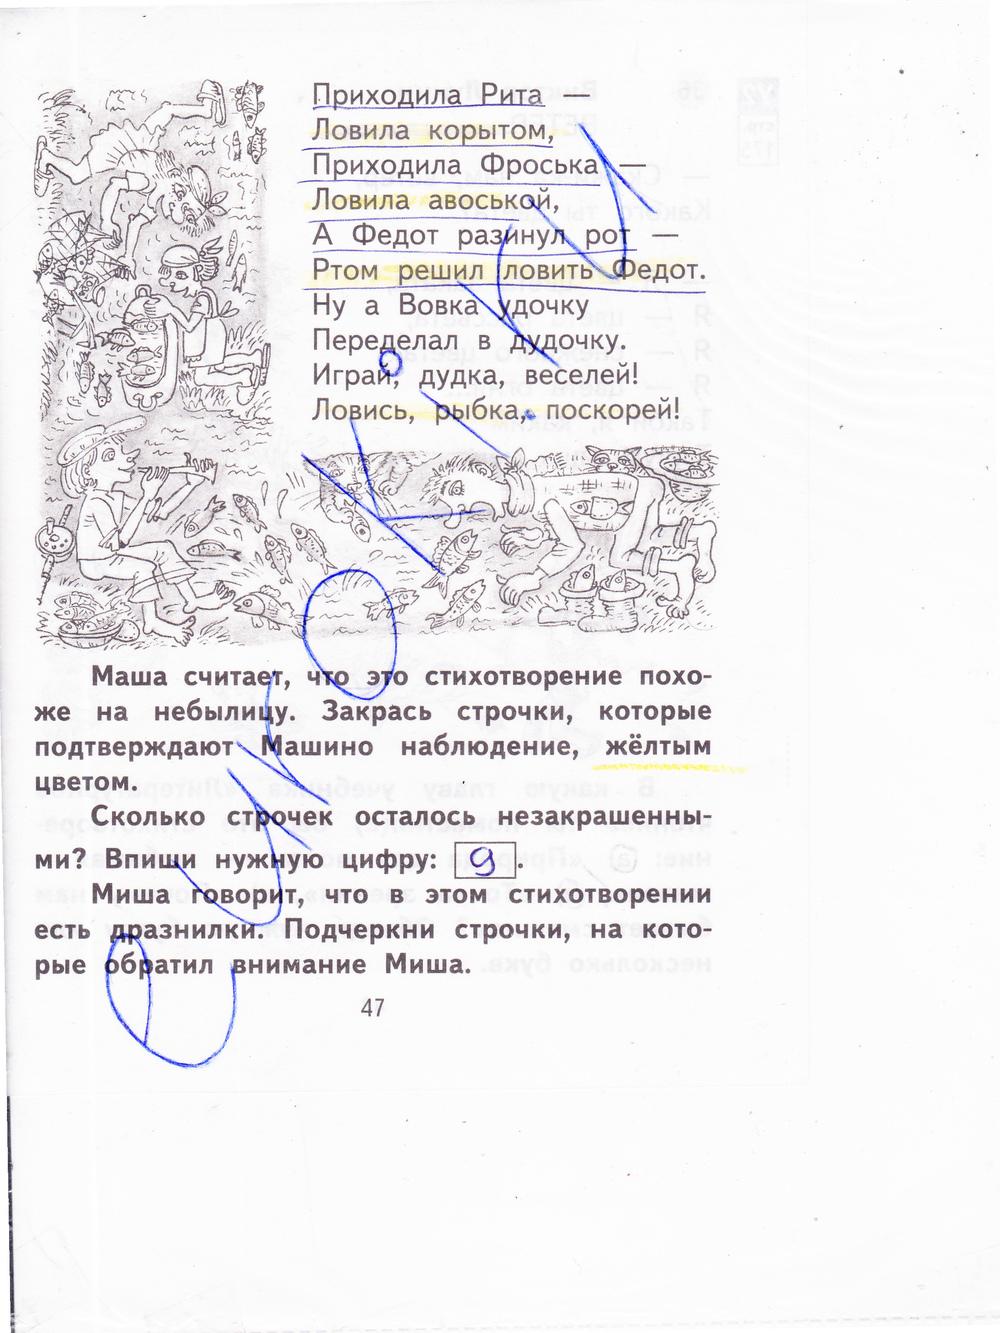 ГДЗ по литературному чтению 2 класс рабочая тетрадь Малаховская Часть 1, 2. Задание: стр. 47